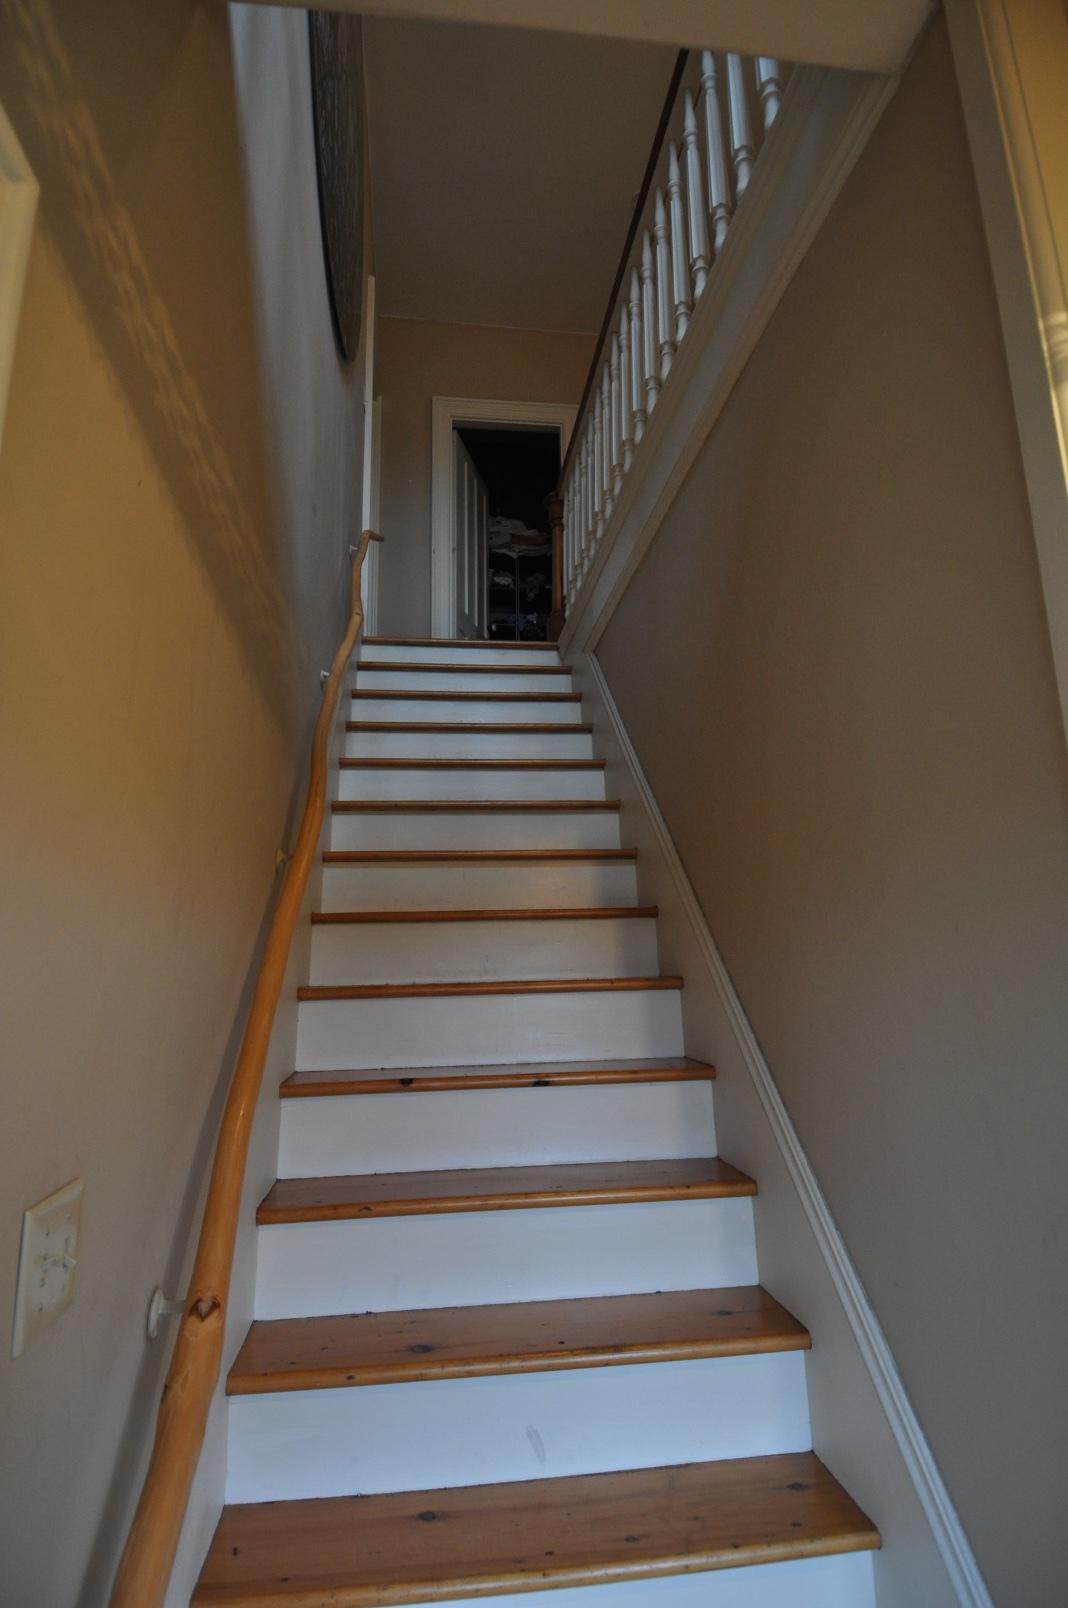 firststairsUP.jpg